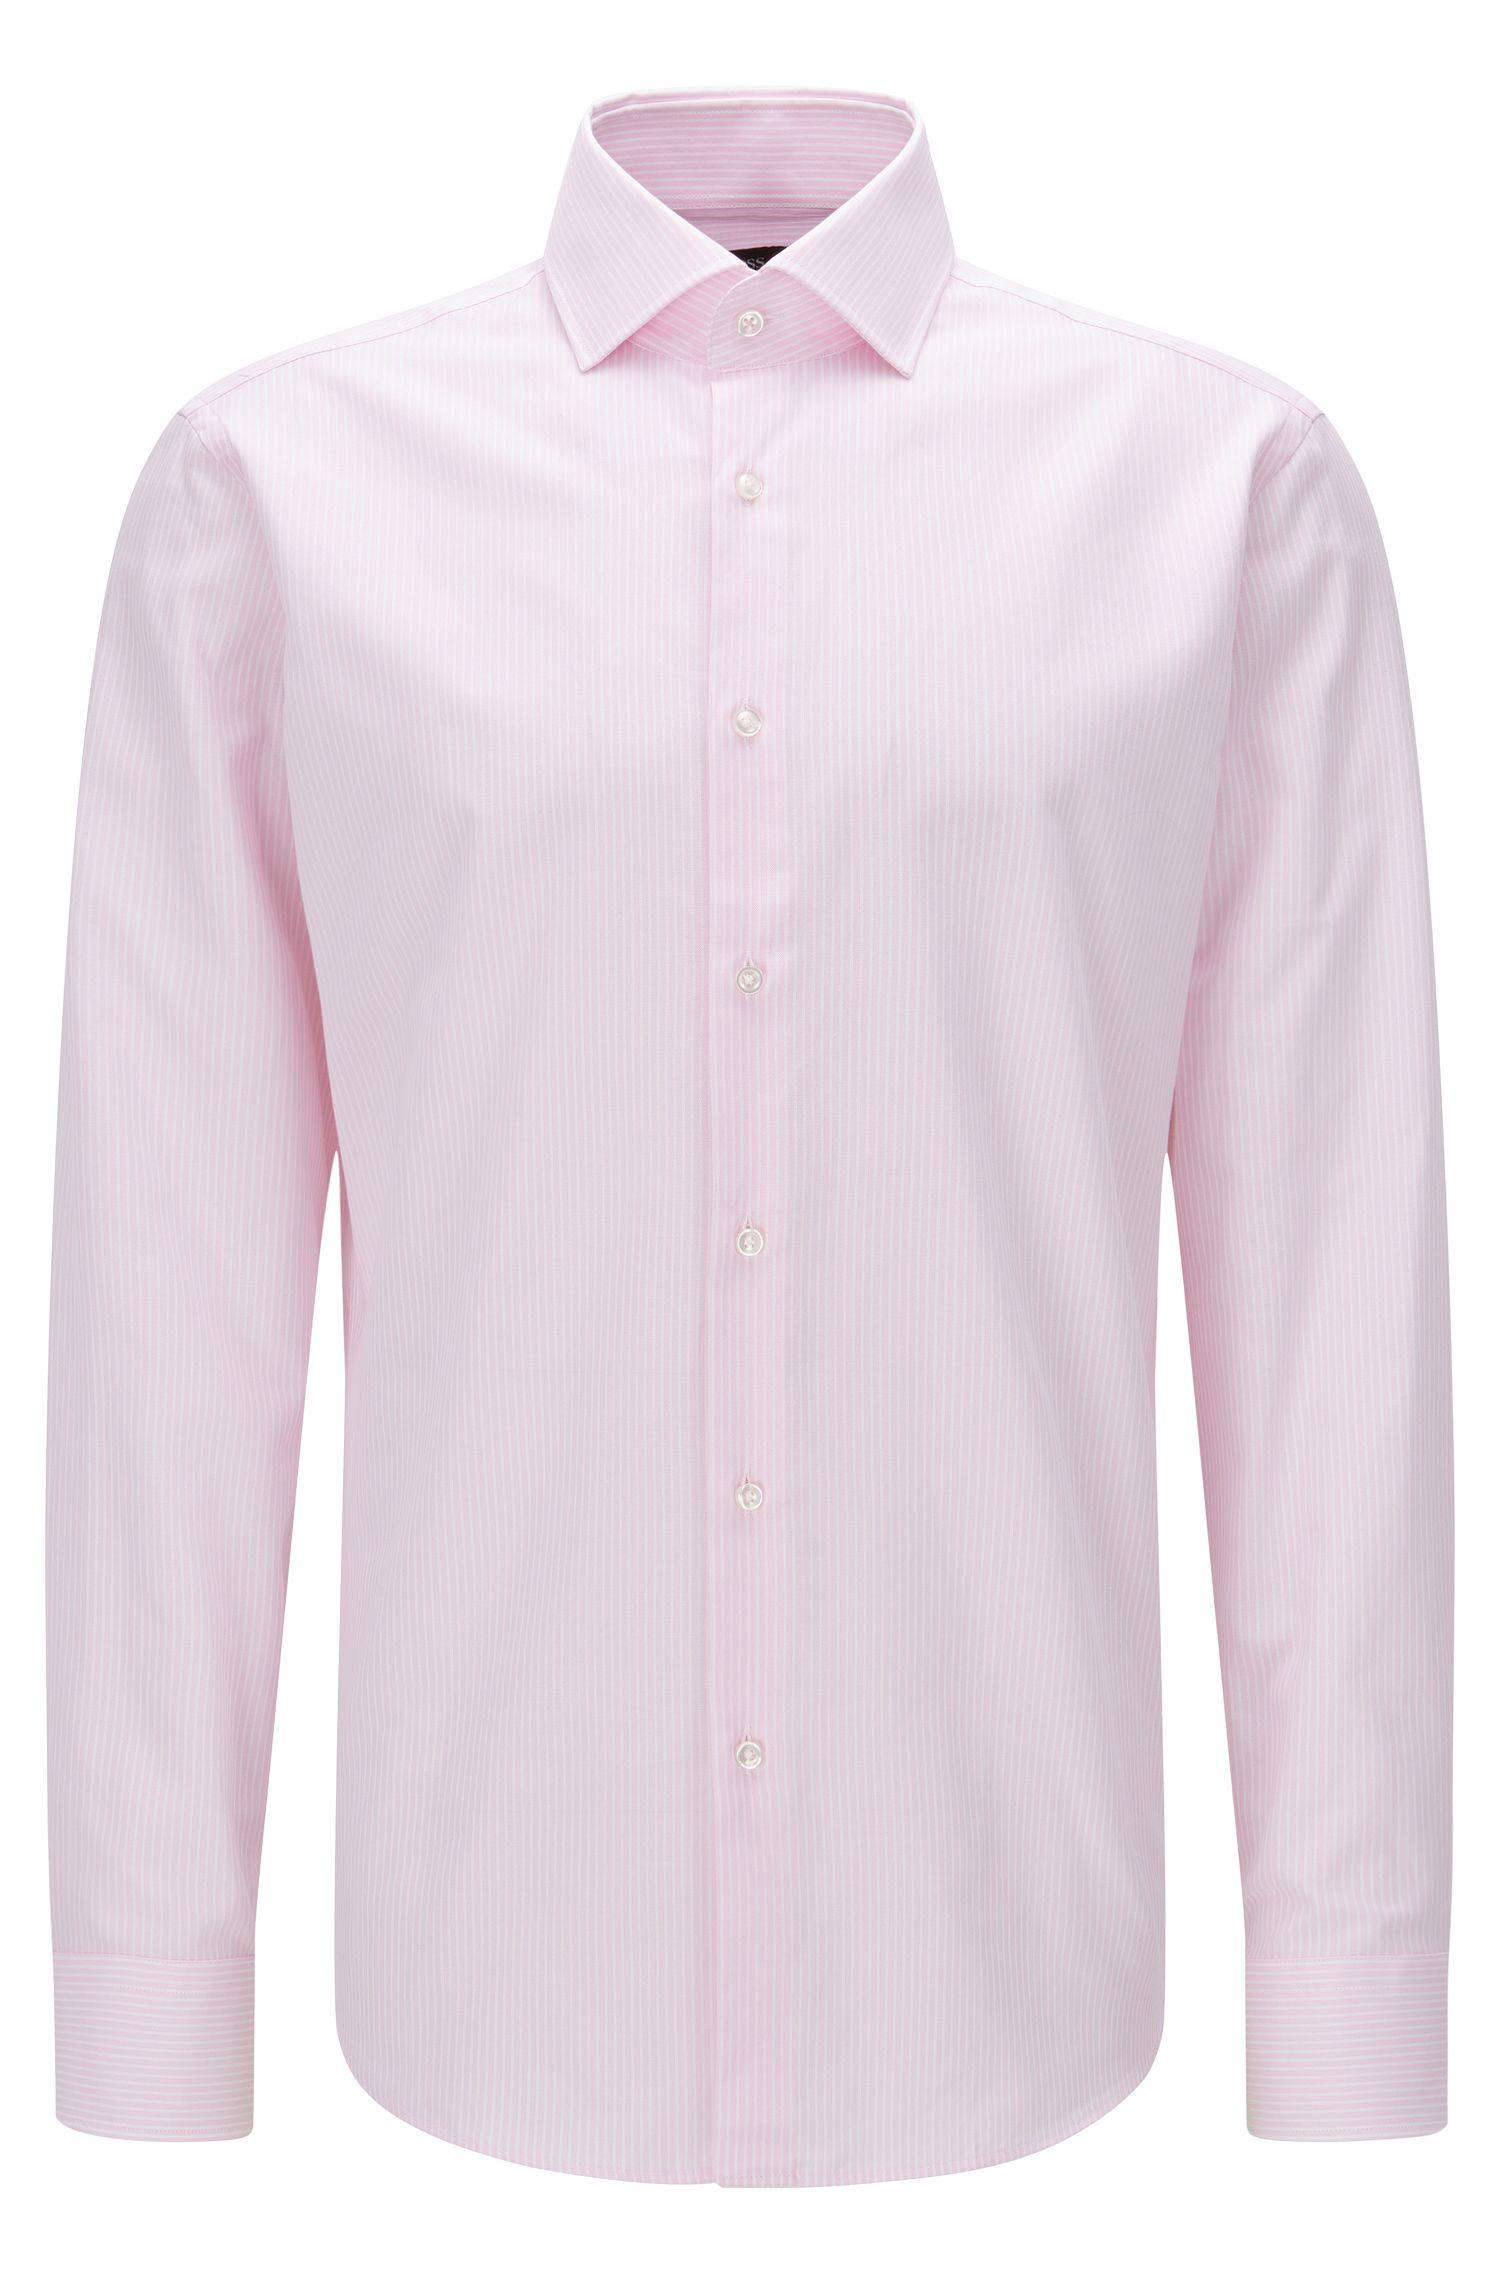 Striped Oxford Cotton Dress Shirt, Regular Fit | Gert, light pink